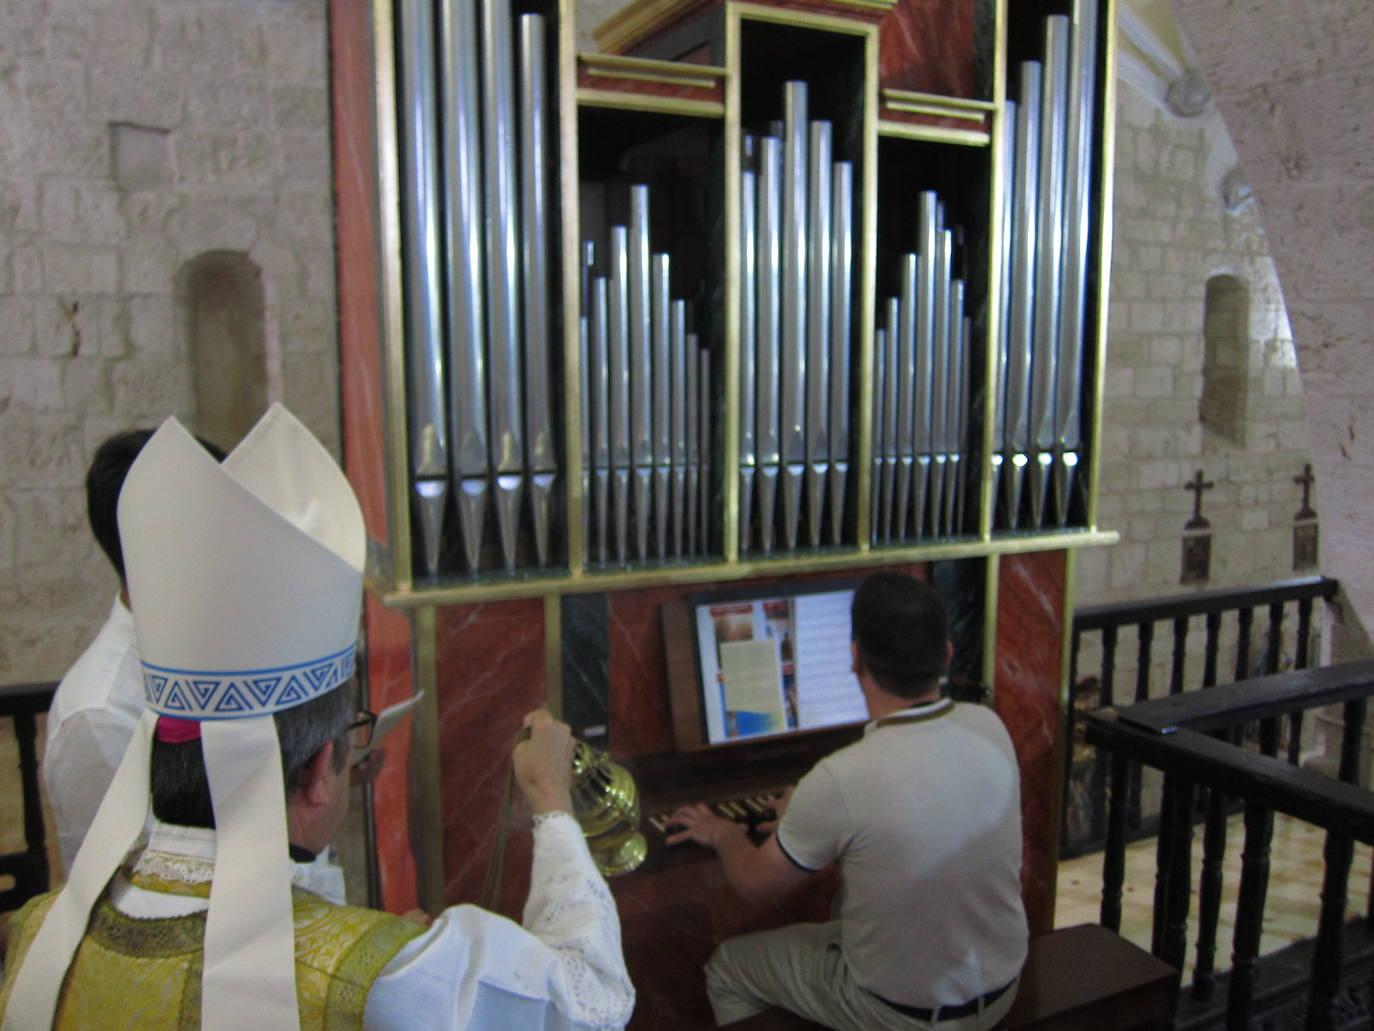 La parroquia de Castromonte estrena un órgano de 25.000 euros